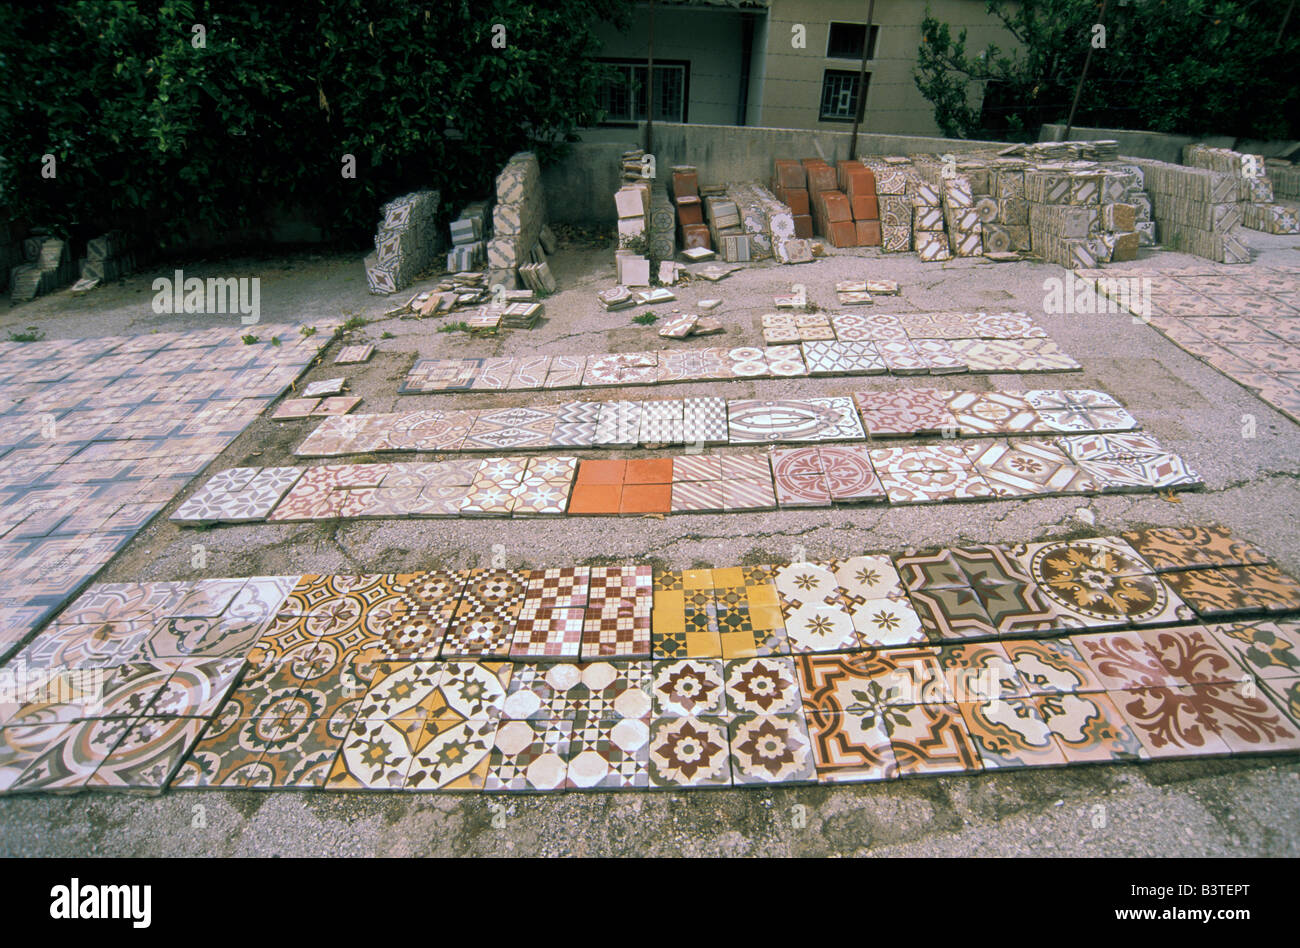 L'Asie, Liban, Beyrouth. Mosaïque de carreaux et de la rénovation de l'usine. Photo Stock